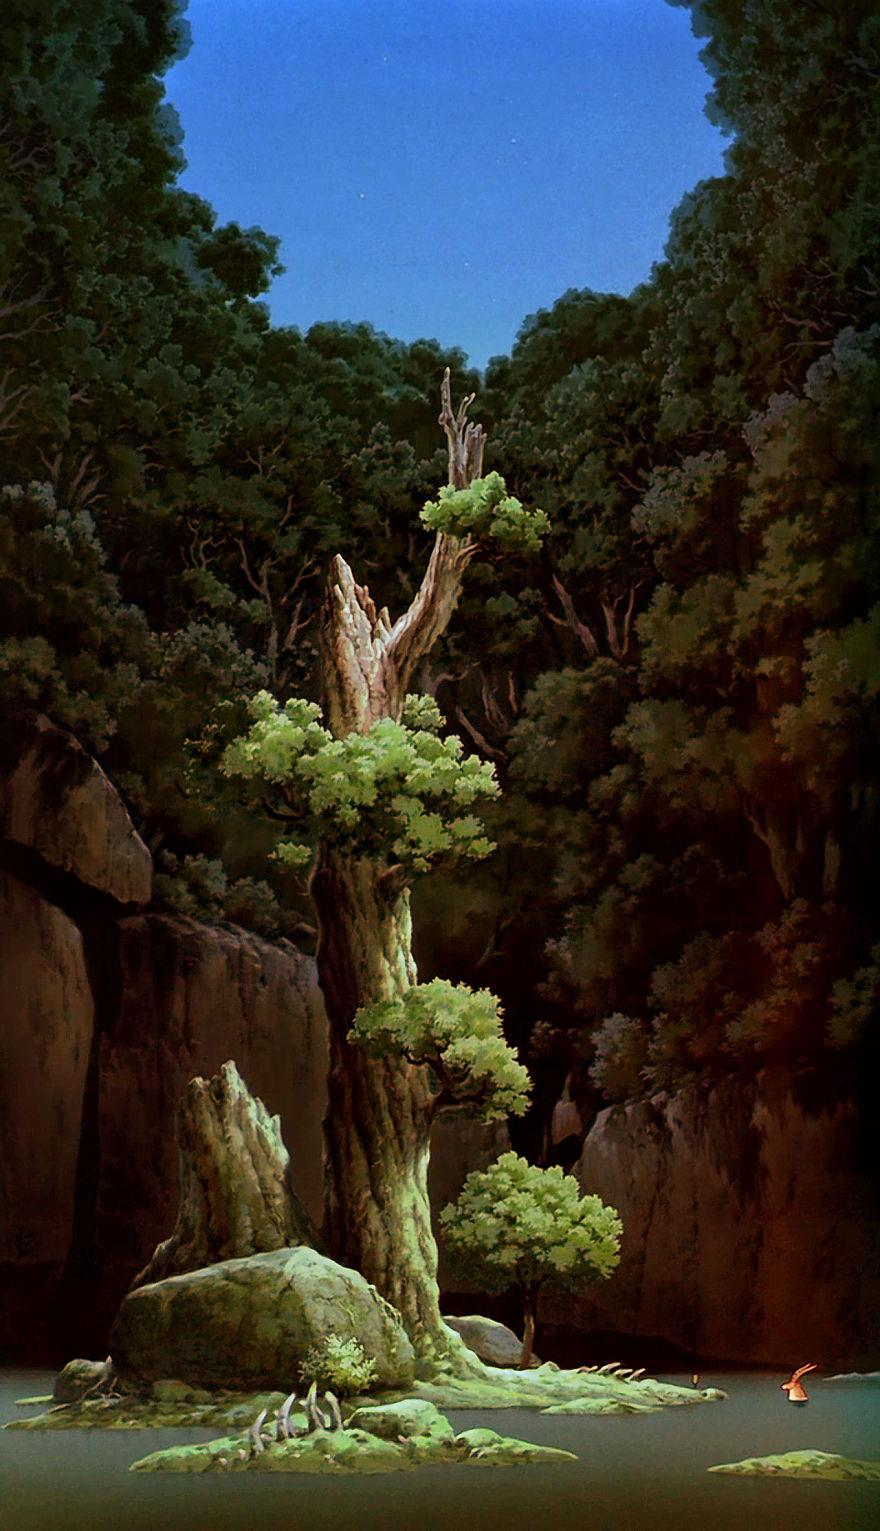 mononoke-arbre